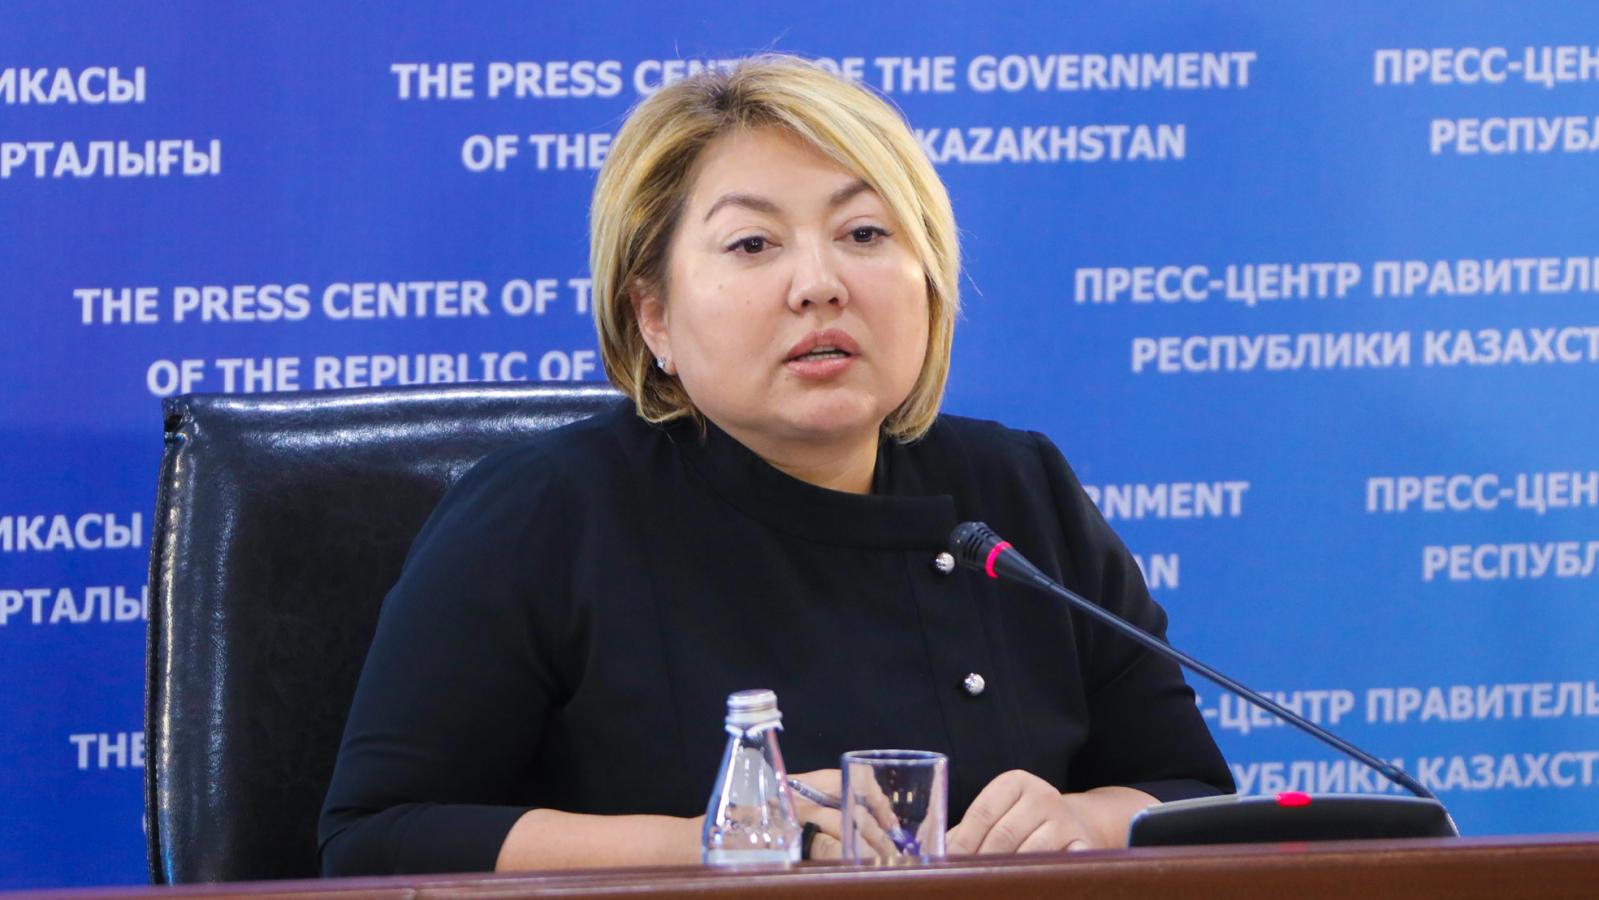 Досье: Суханбердиева Эльмира Амангельдиевна, Эльмира Суханбердиева,Вице-министр образования